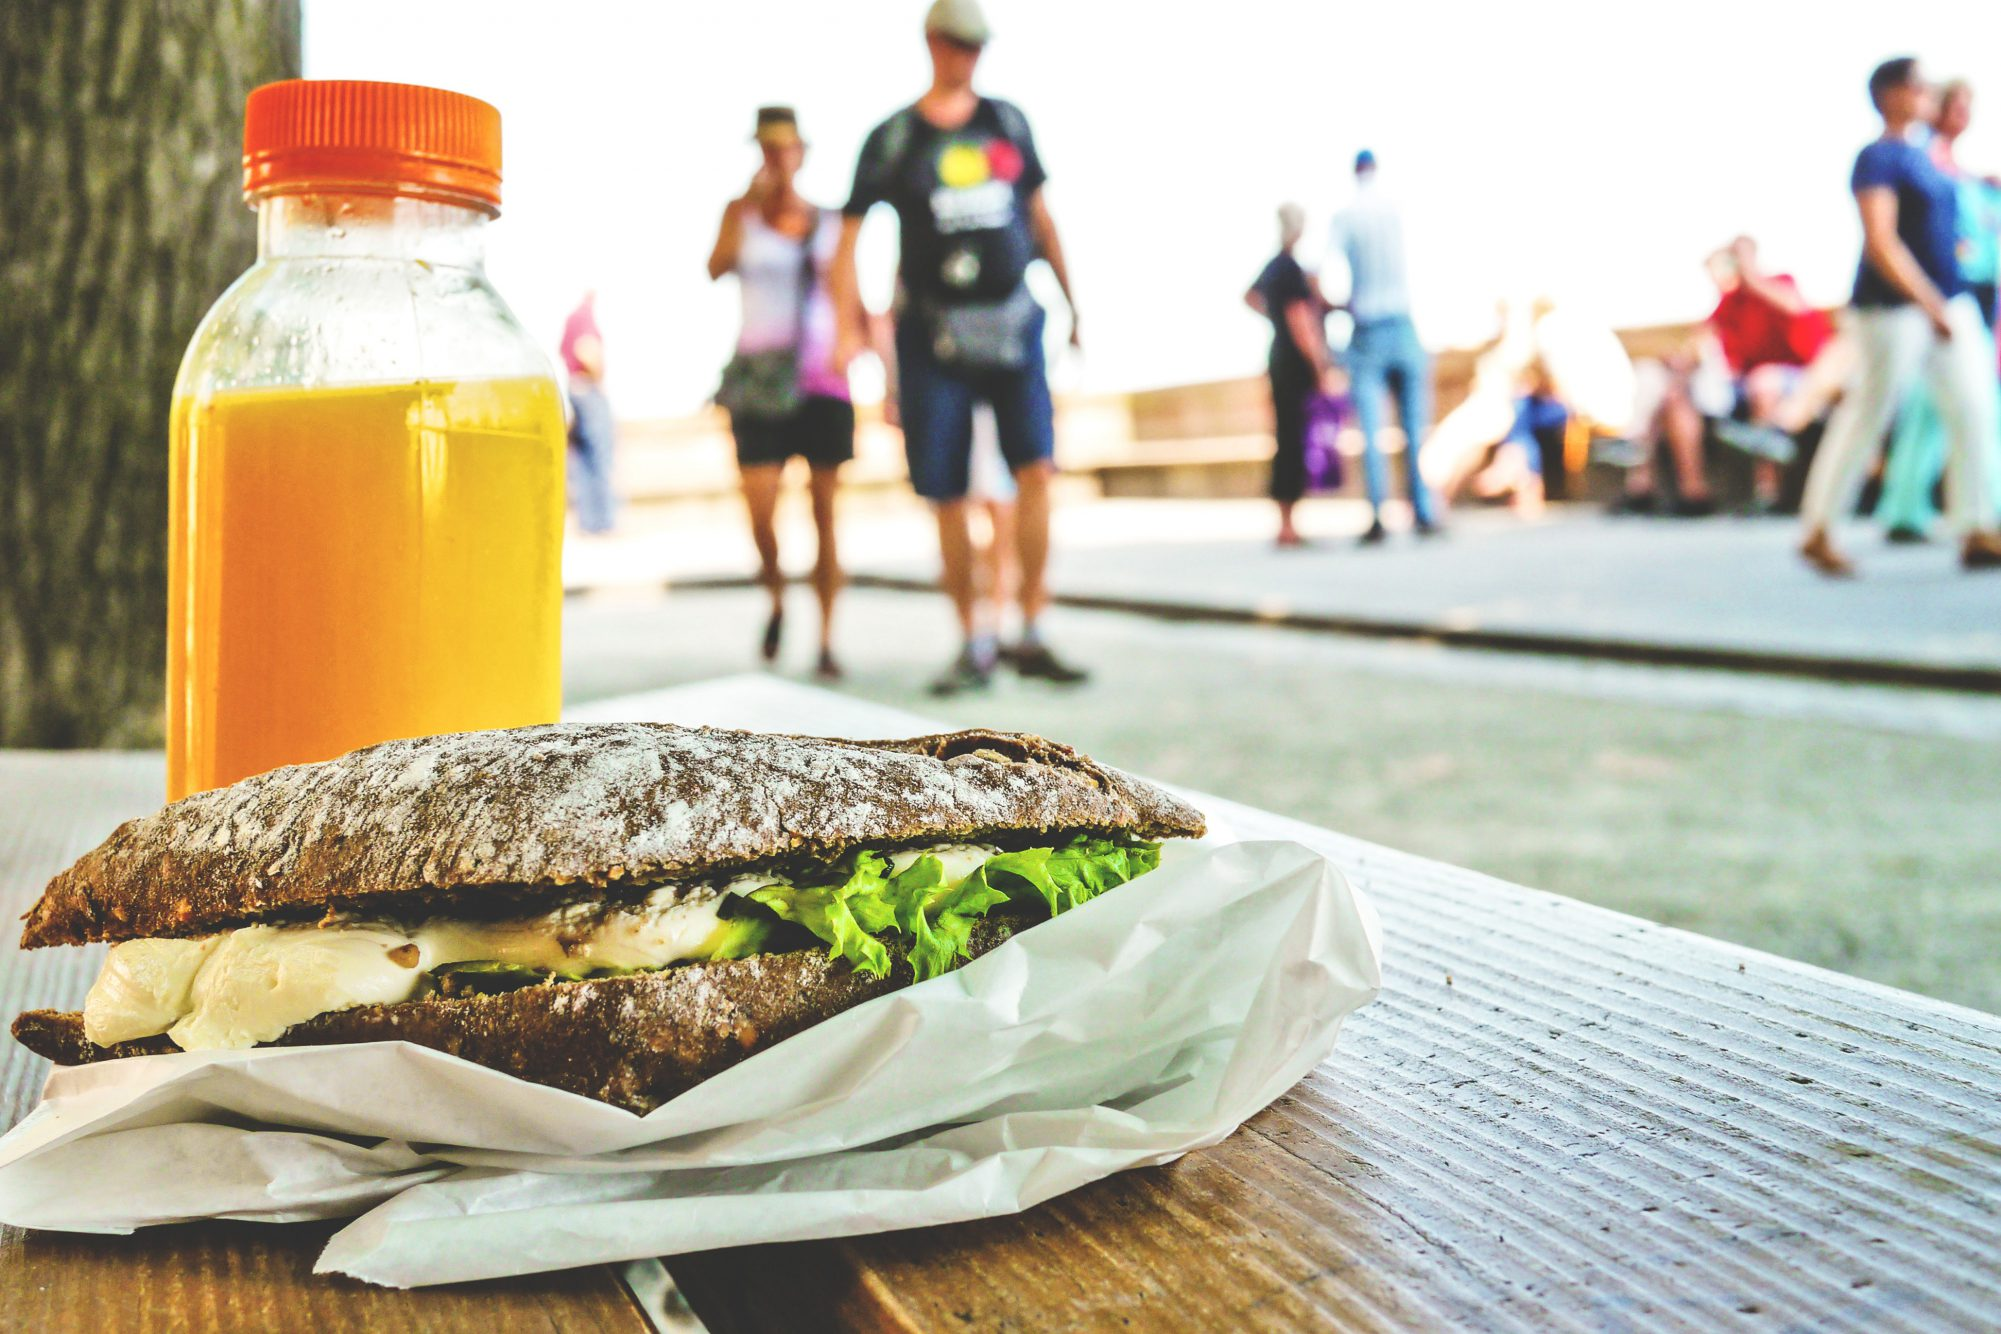 Emballage de sandwich avec bouteille de jus d'orange